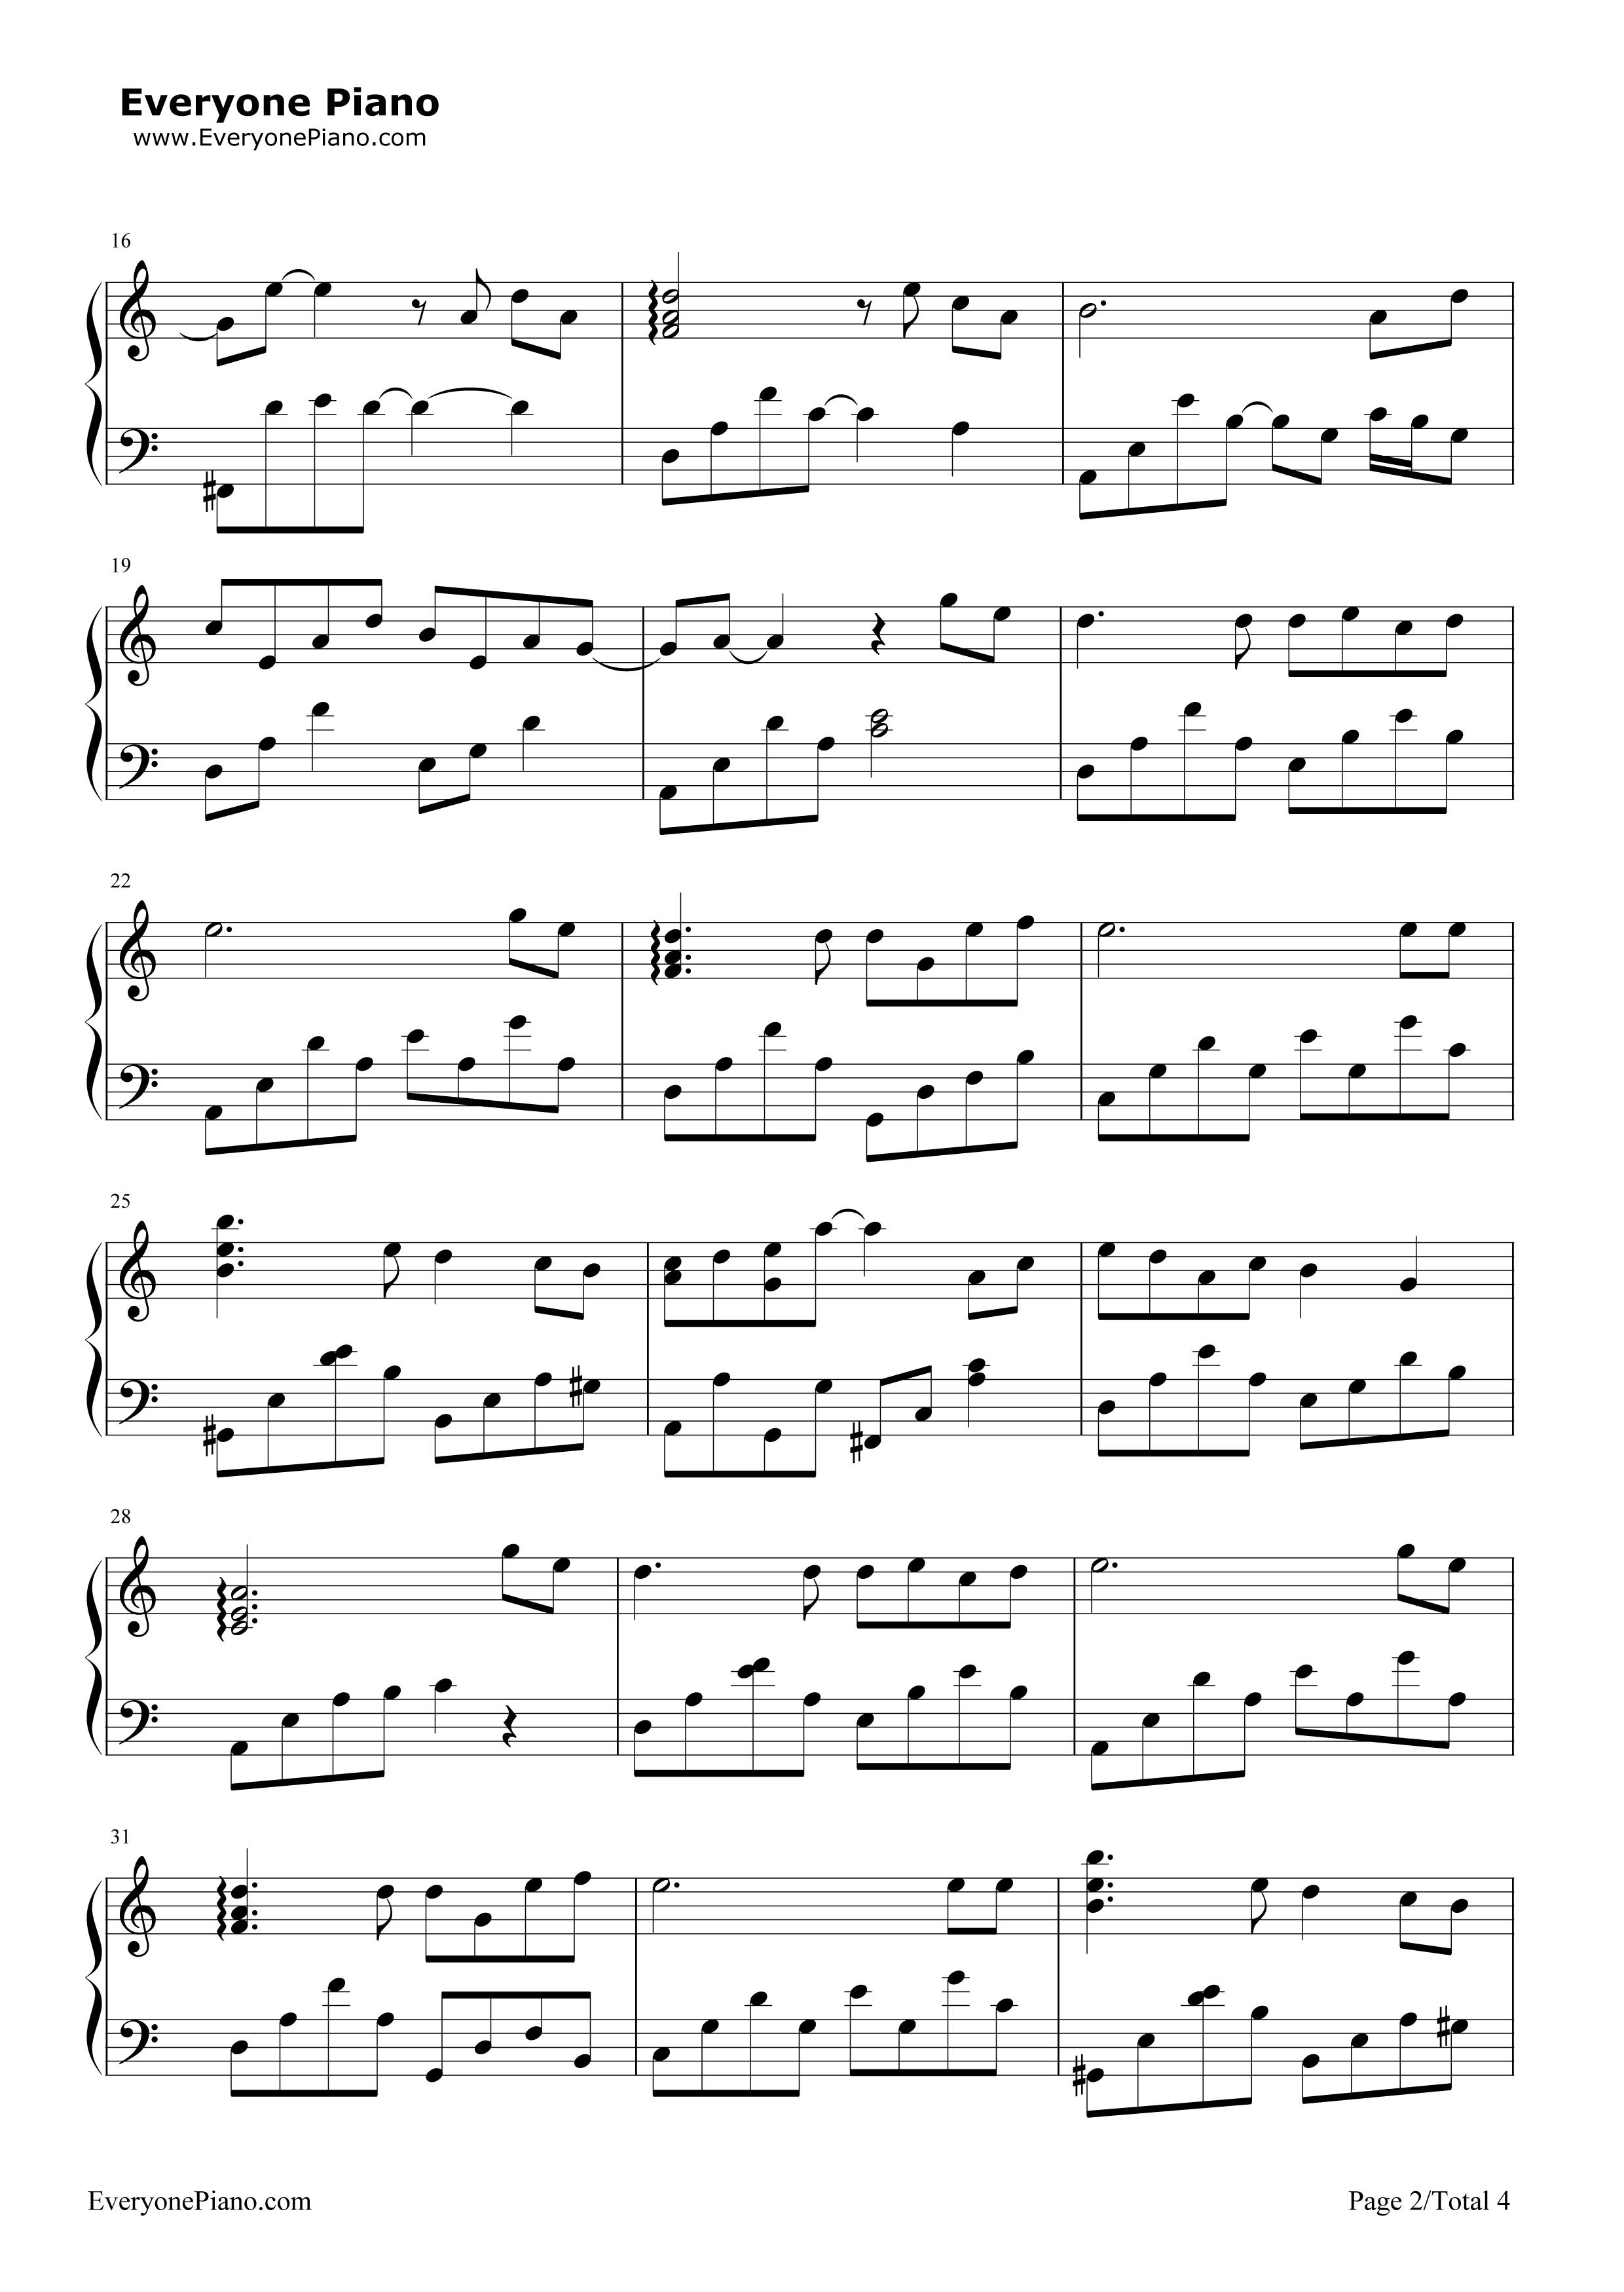 钢琴曲谱 流行 烟花易冷 烟花易冷五线谱预览2  }  仅供学习交流使用!